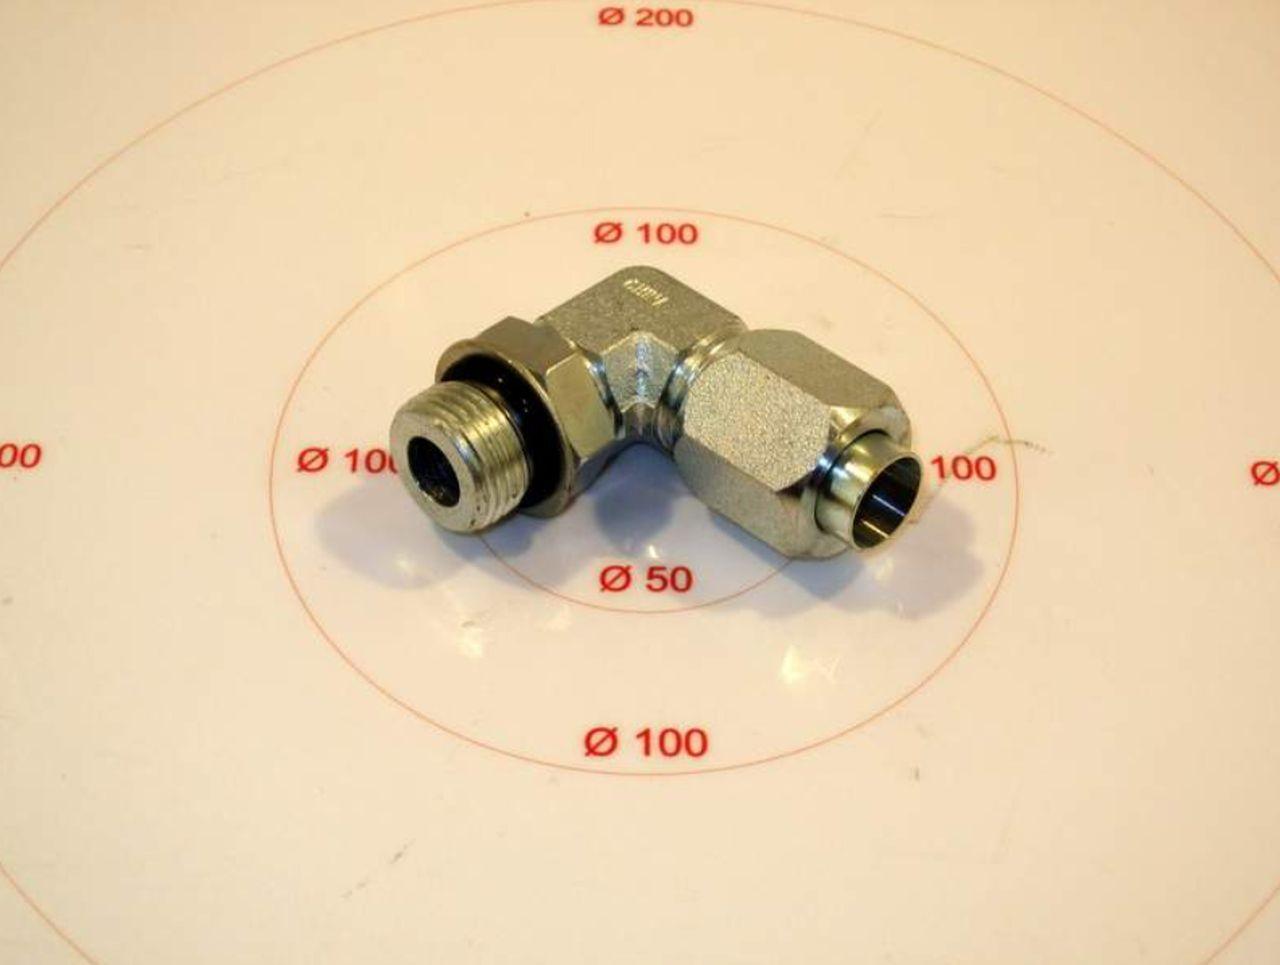 ADAPTACAO 37 GRAUS P/ TUBO EXP - 023 18945 000